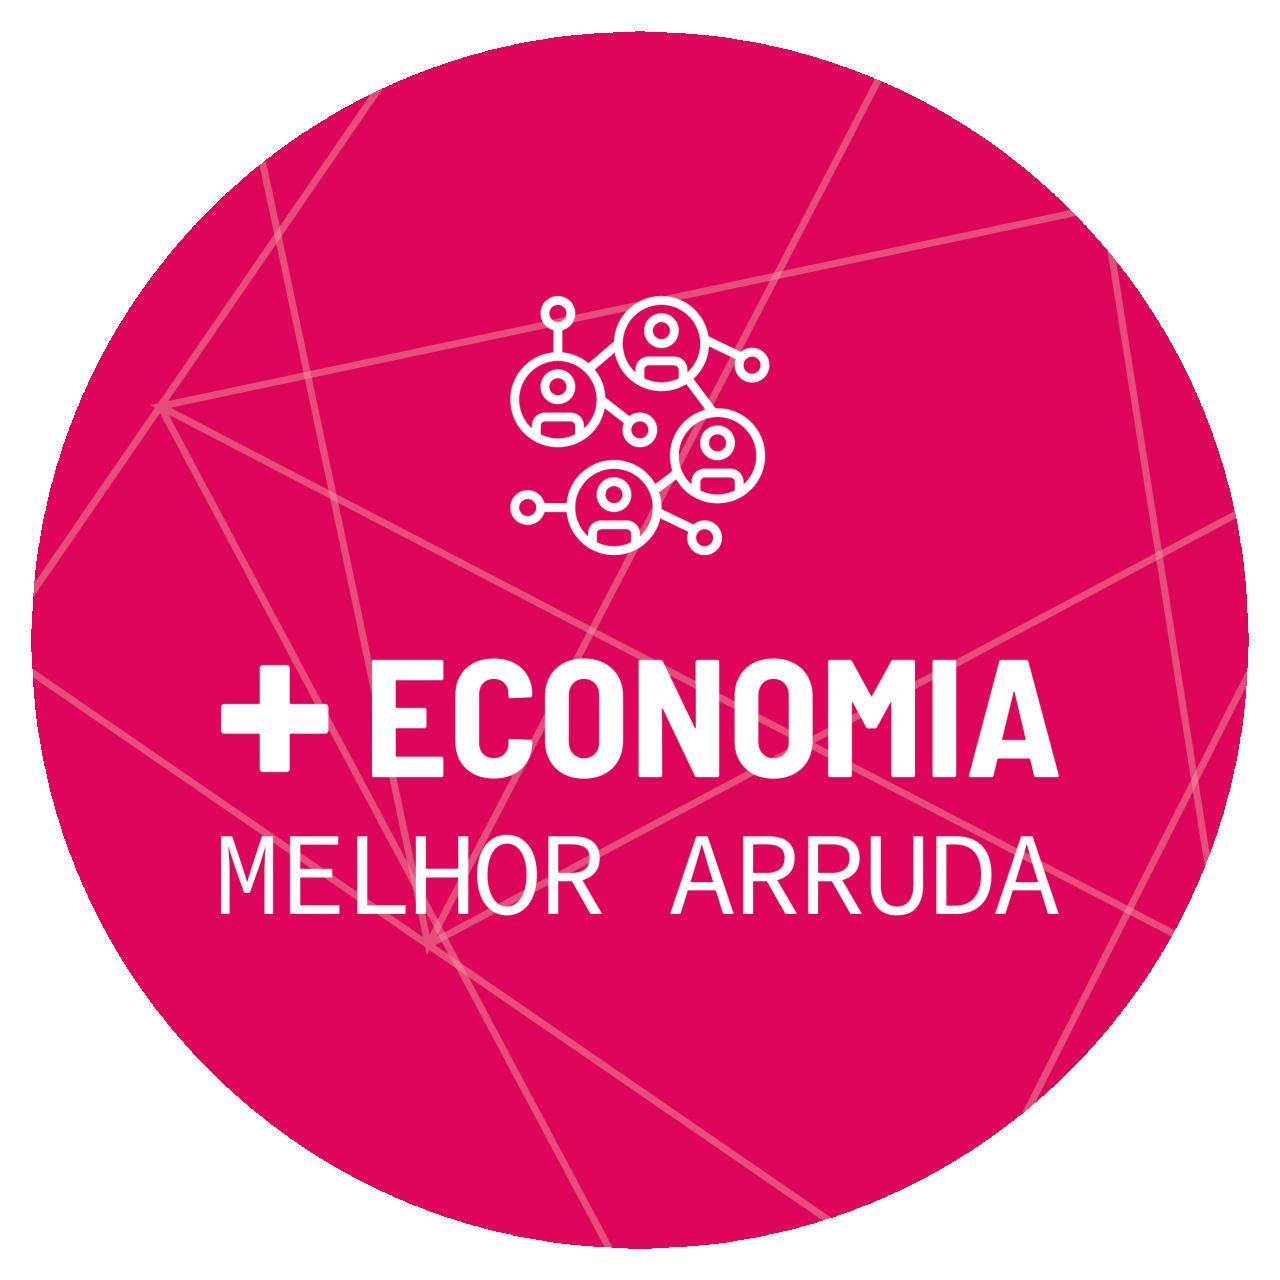 + Economia, Melhor Arruda